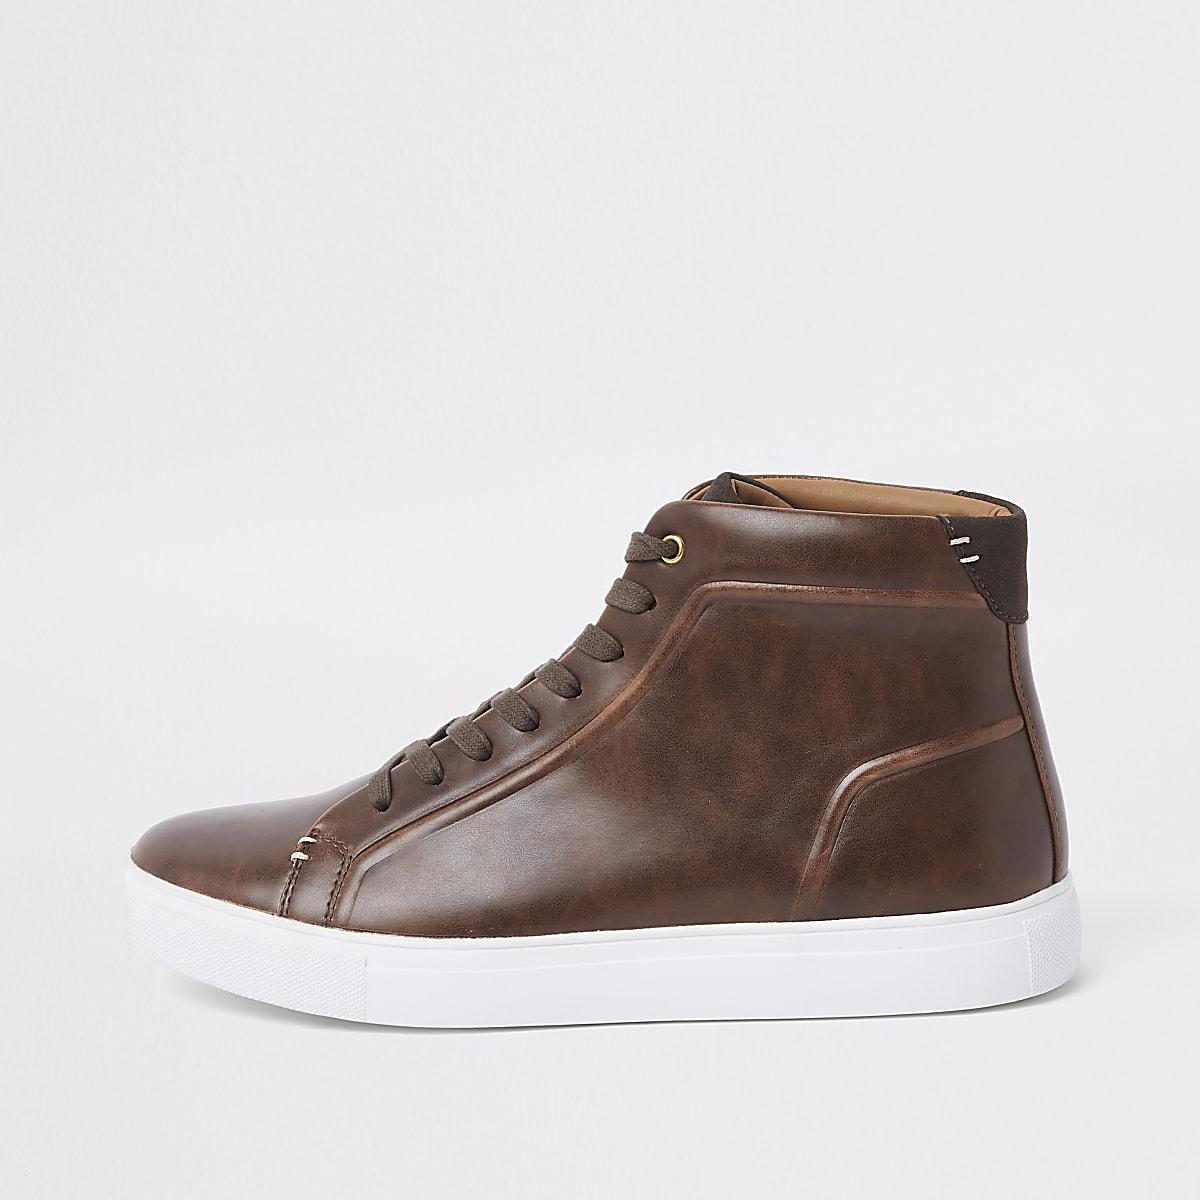 19e1d79f922 Bruine hoge sneakers met vetersluiting Bruine hoge sneakers met  vetersluiting ...